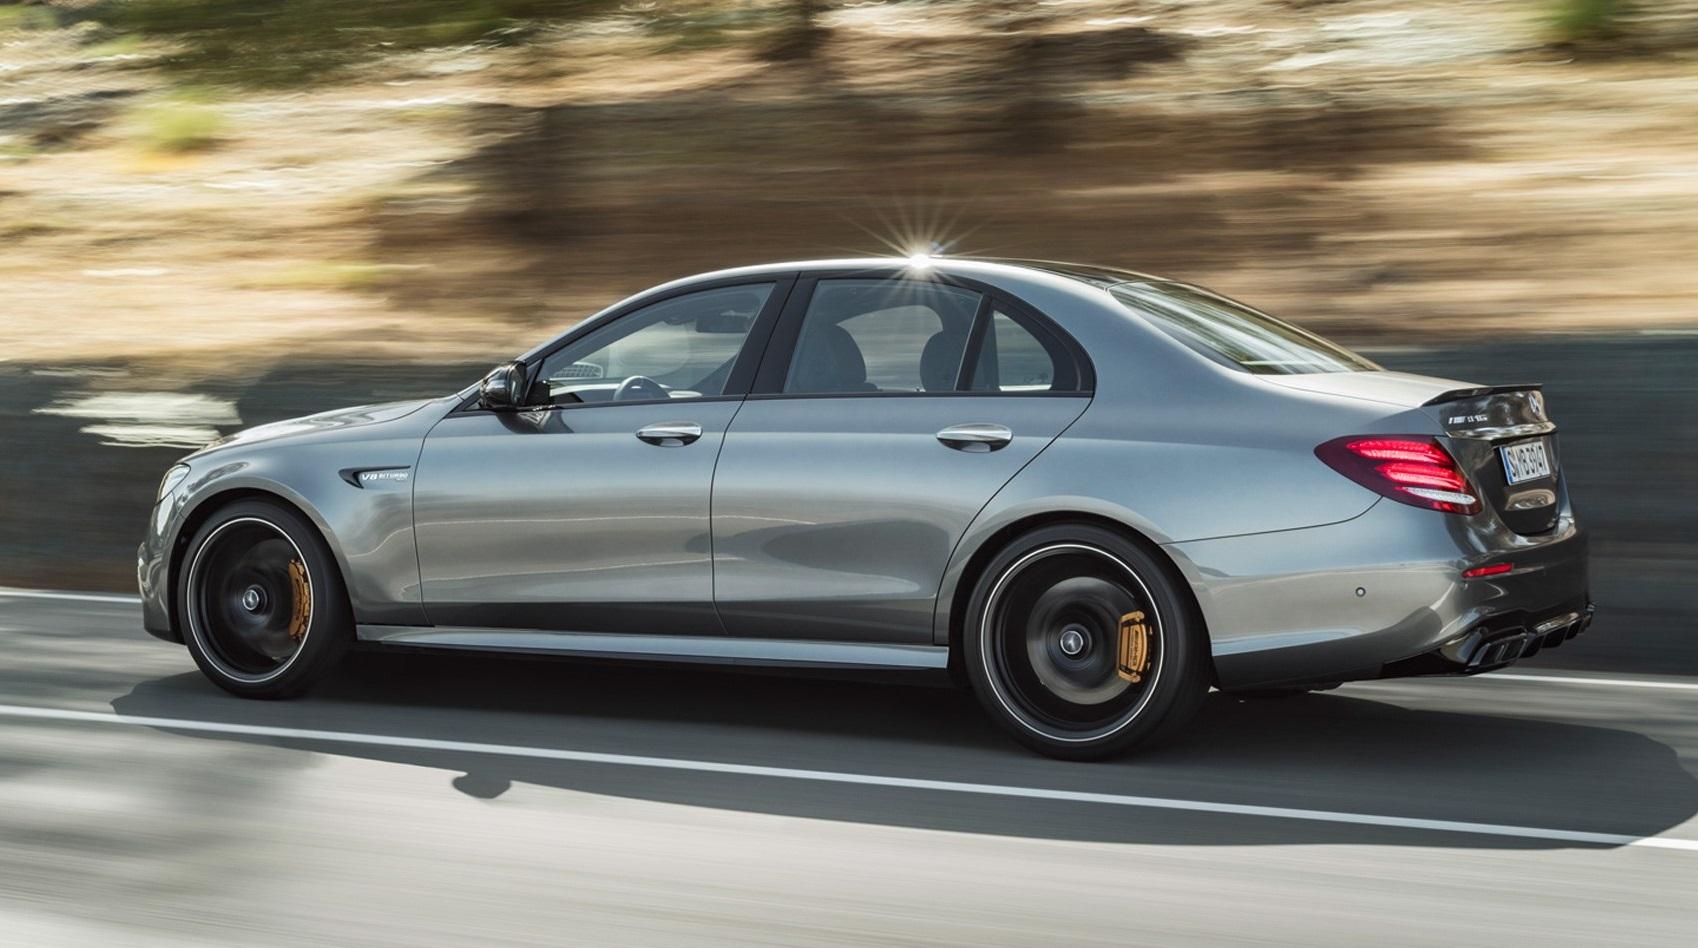 Видео: За сколько на самом деле Mercedes-AMG E63 S может разогнаться до 300 км/ч?